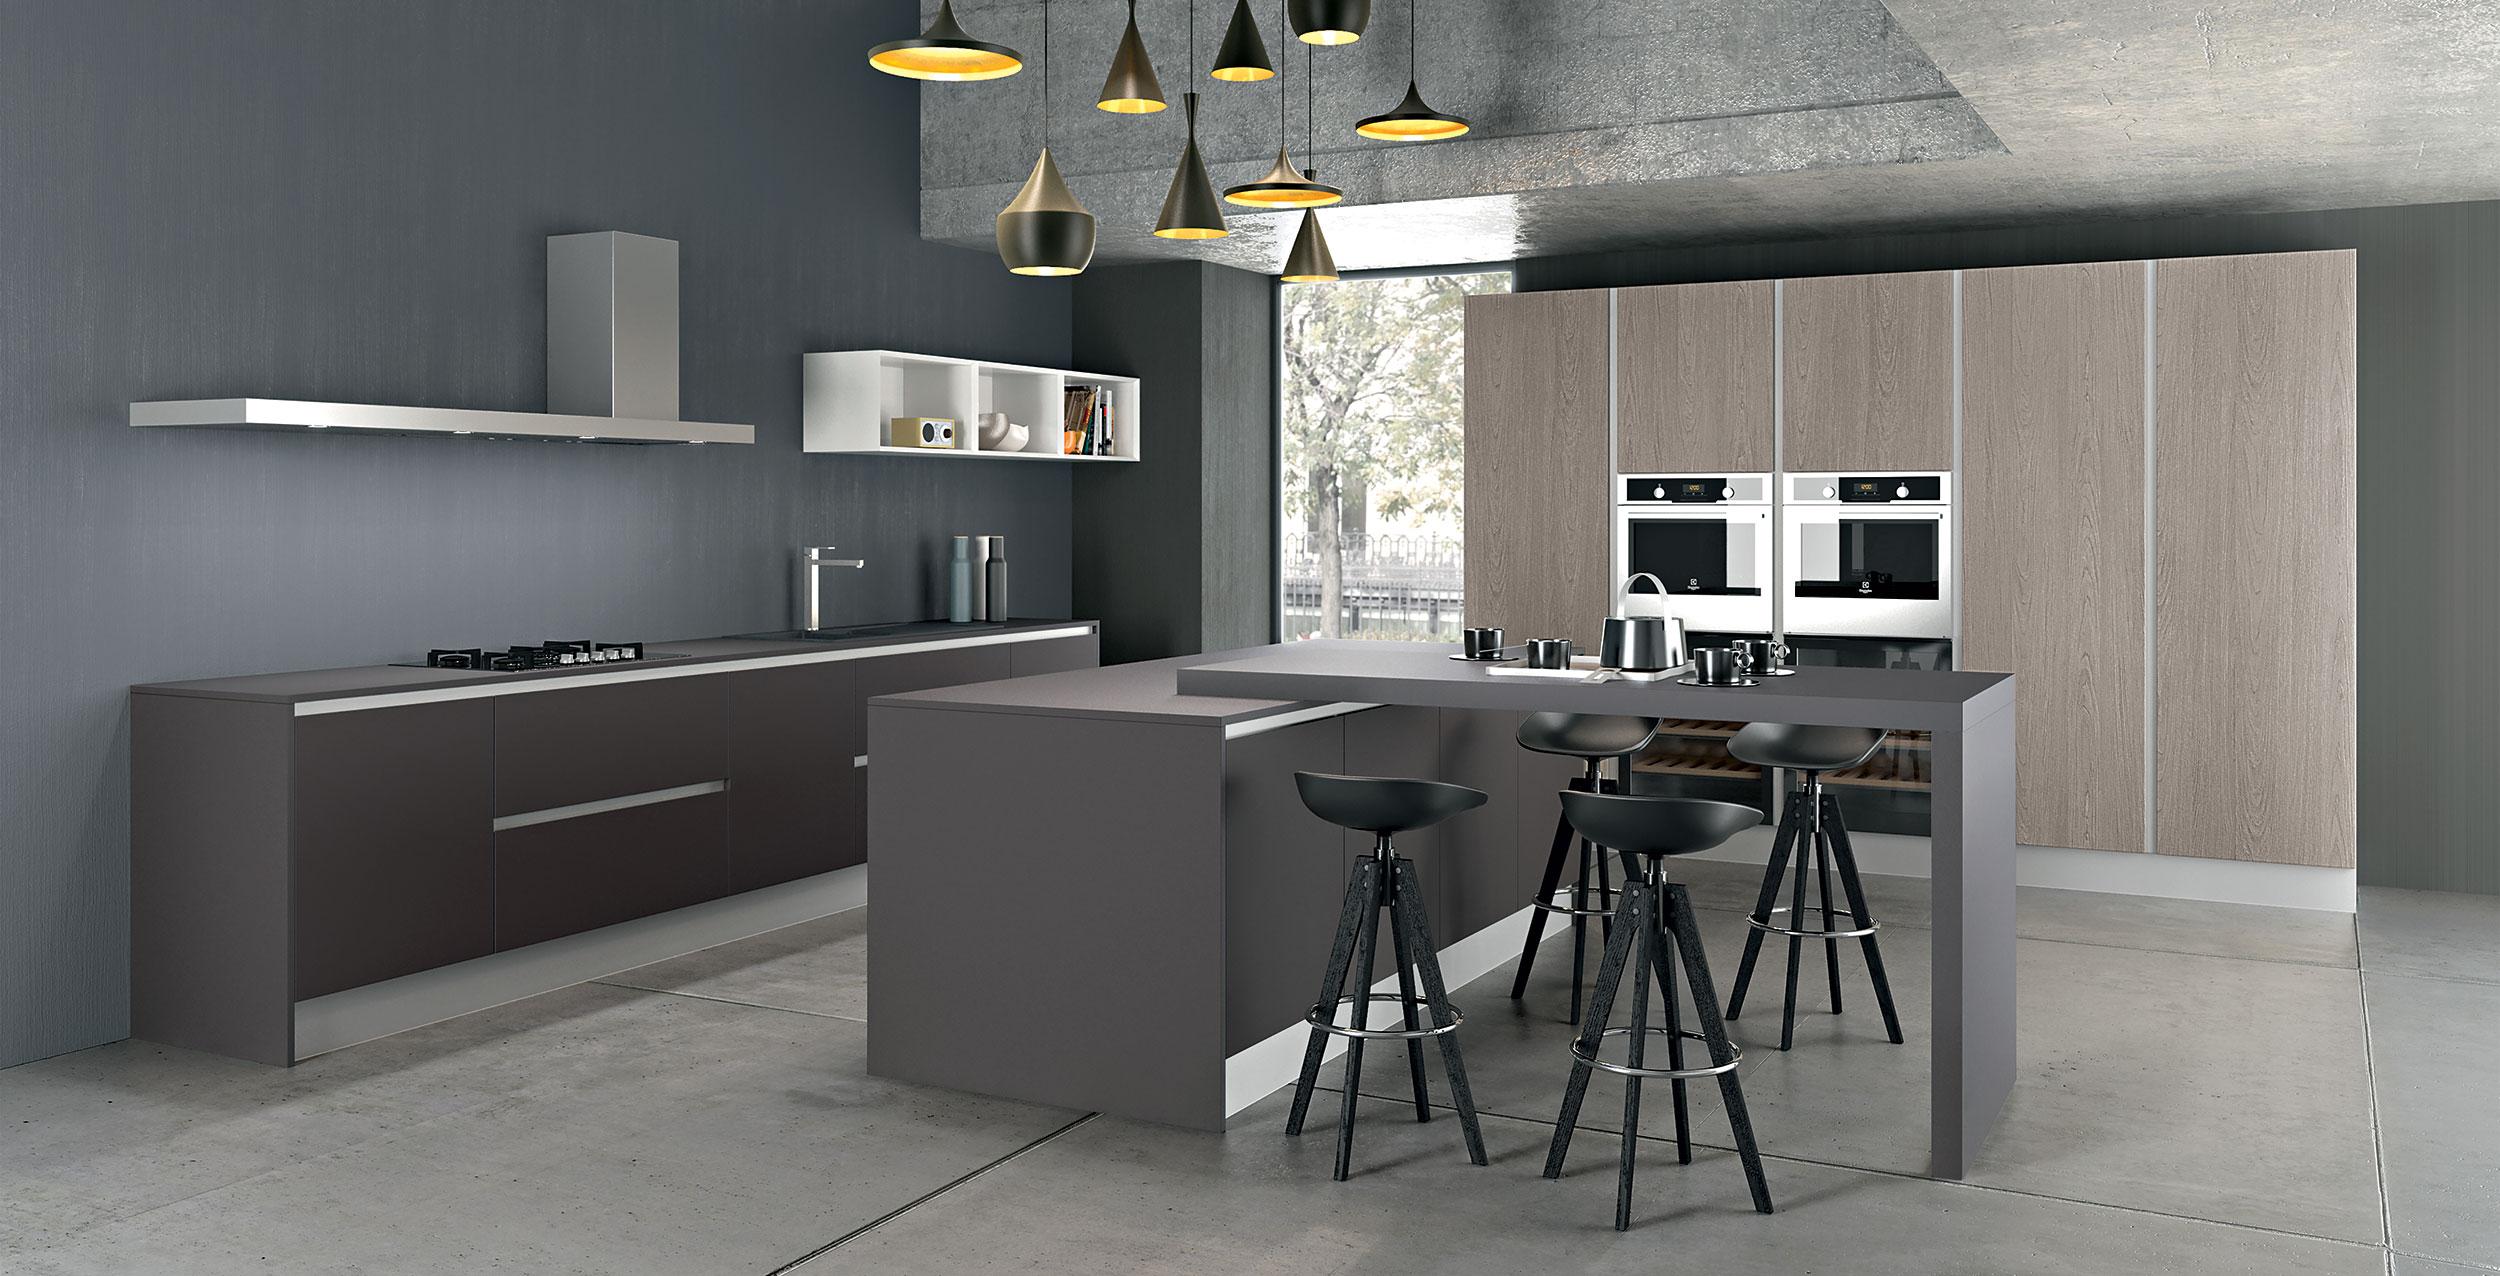 Le caractère de Sigma22 se trouve dans la porte d'une épaisseur de 22mm. Disponible dans les couleurs laquées, dans l'innovant PET vernis, dans les mélaminés thermo-structurés les plus innovants, dans le chêne en quatre finitions choisies soigneusement et dans le laqué exclusif effet métallisé Iron développé par Armony, qui donne à la pièce la bonne luminosité et l'atmosphère pour vivre pleinement la beauté de la cuisine.